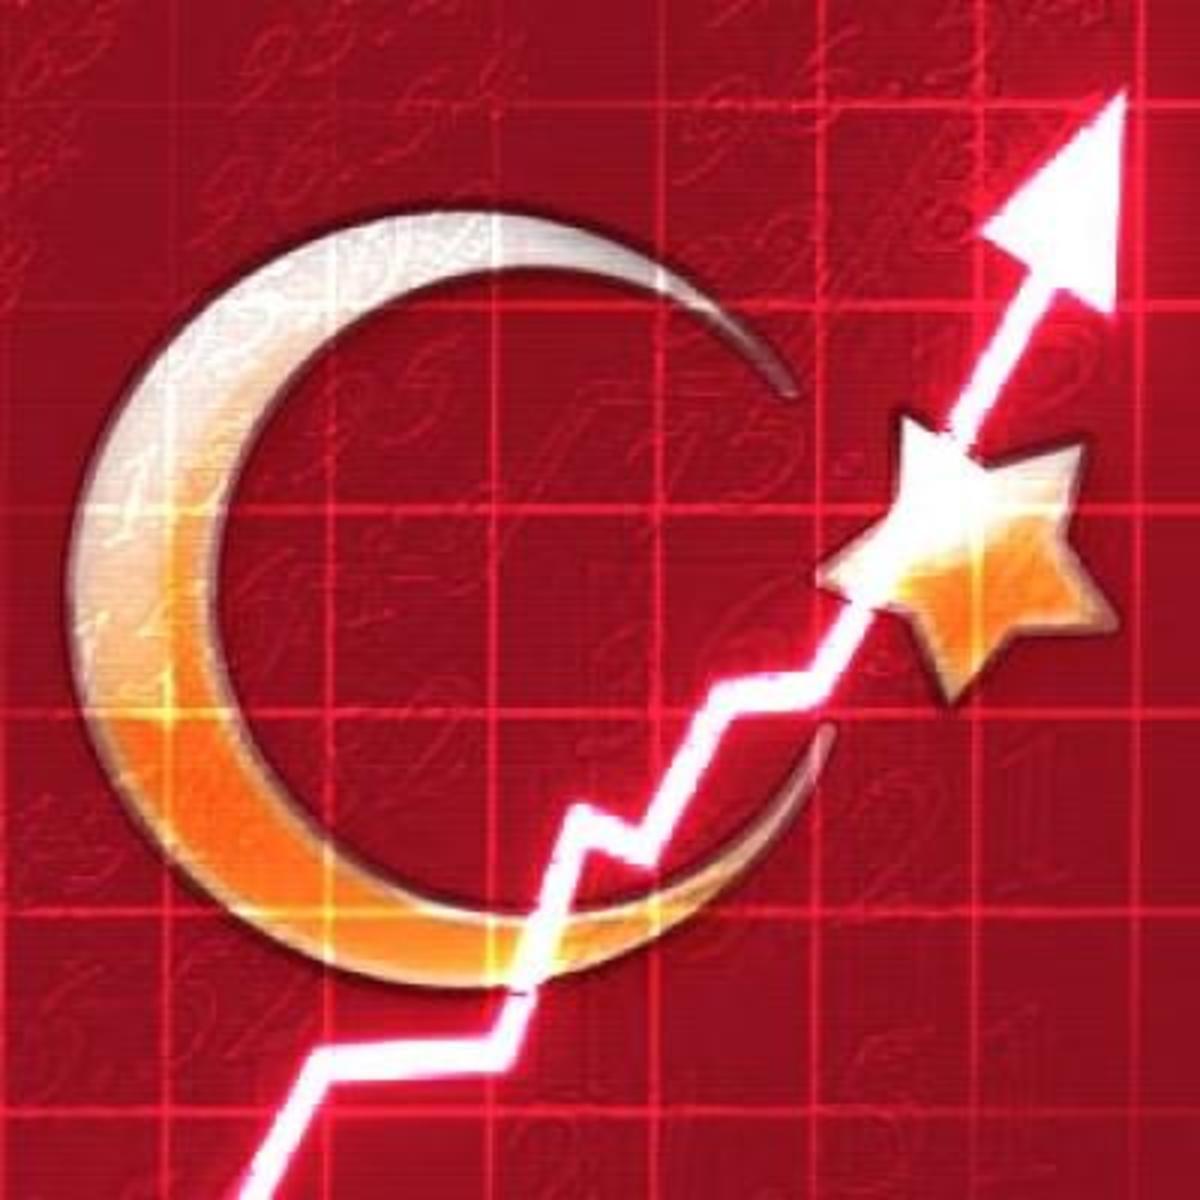 Η Τουρκία λέει «αντίο» στο ΔΝΤ | Newsit.gr